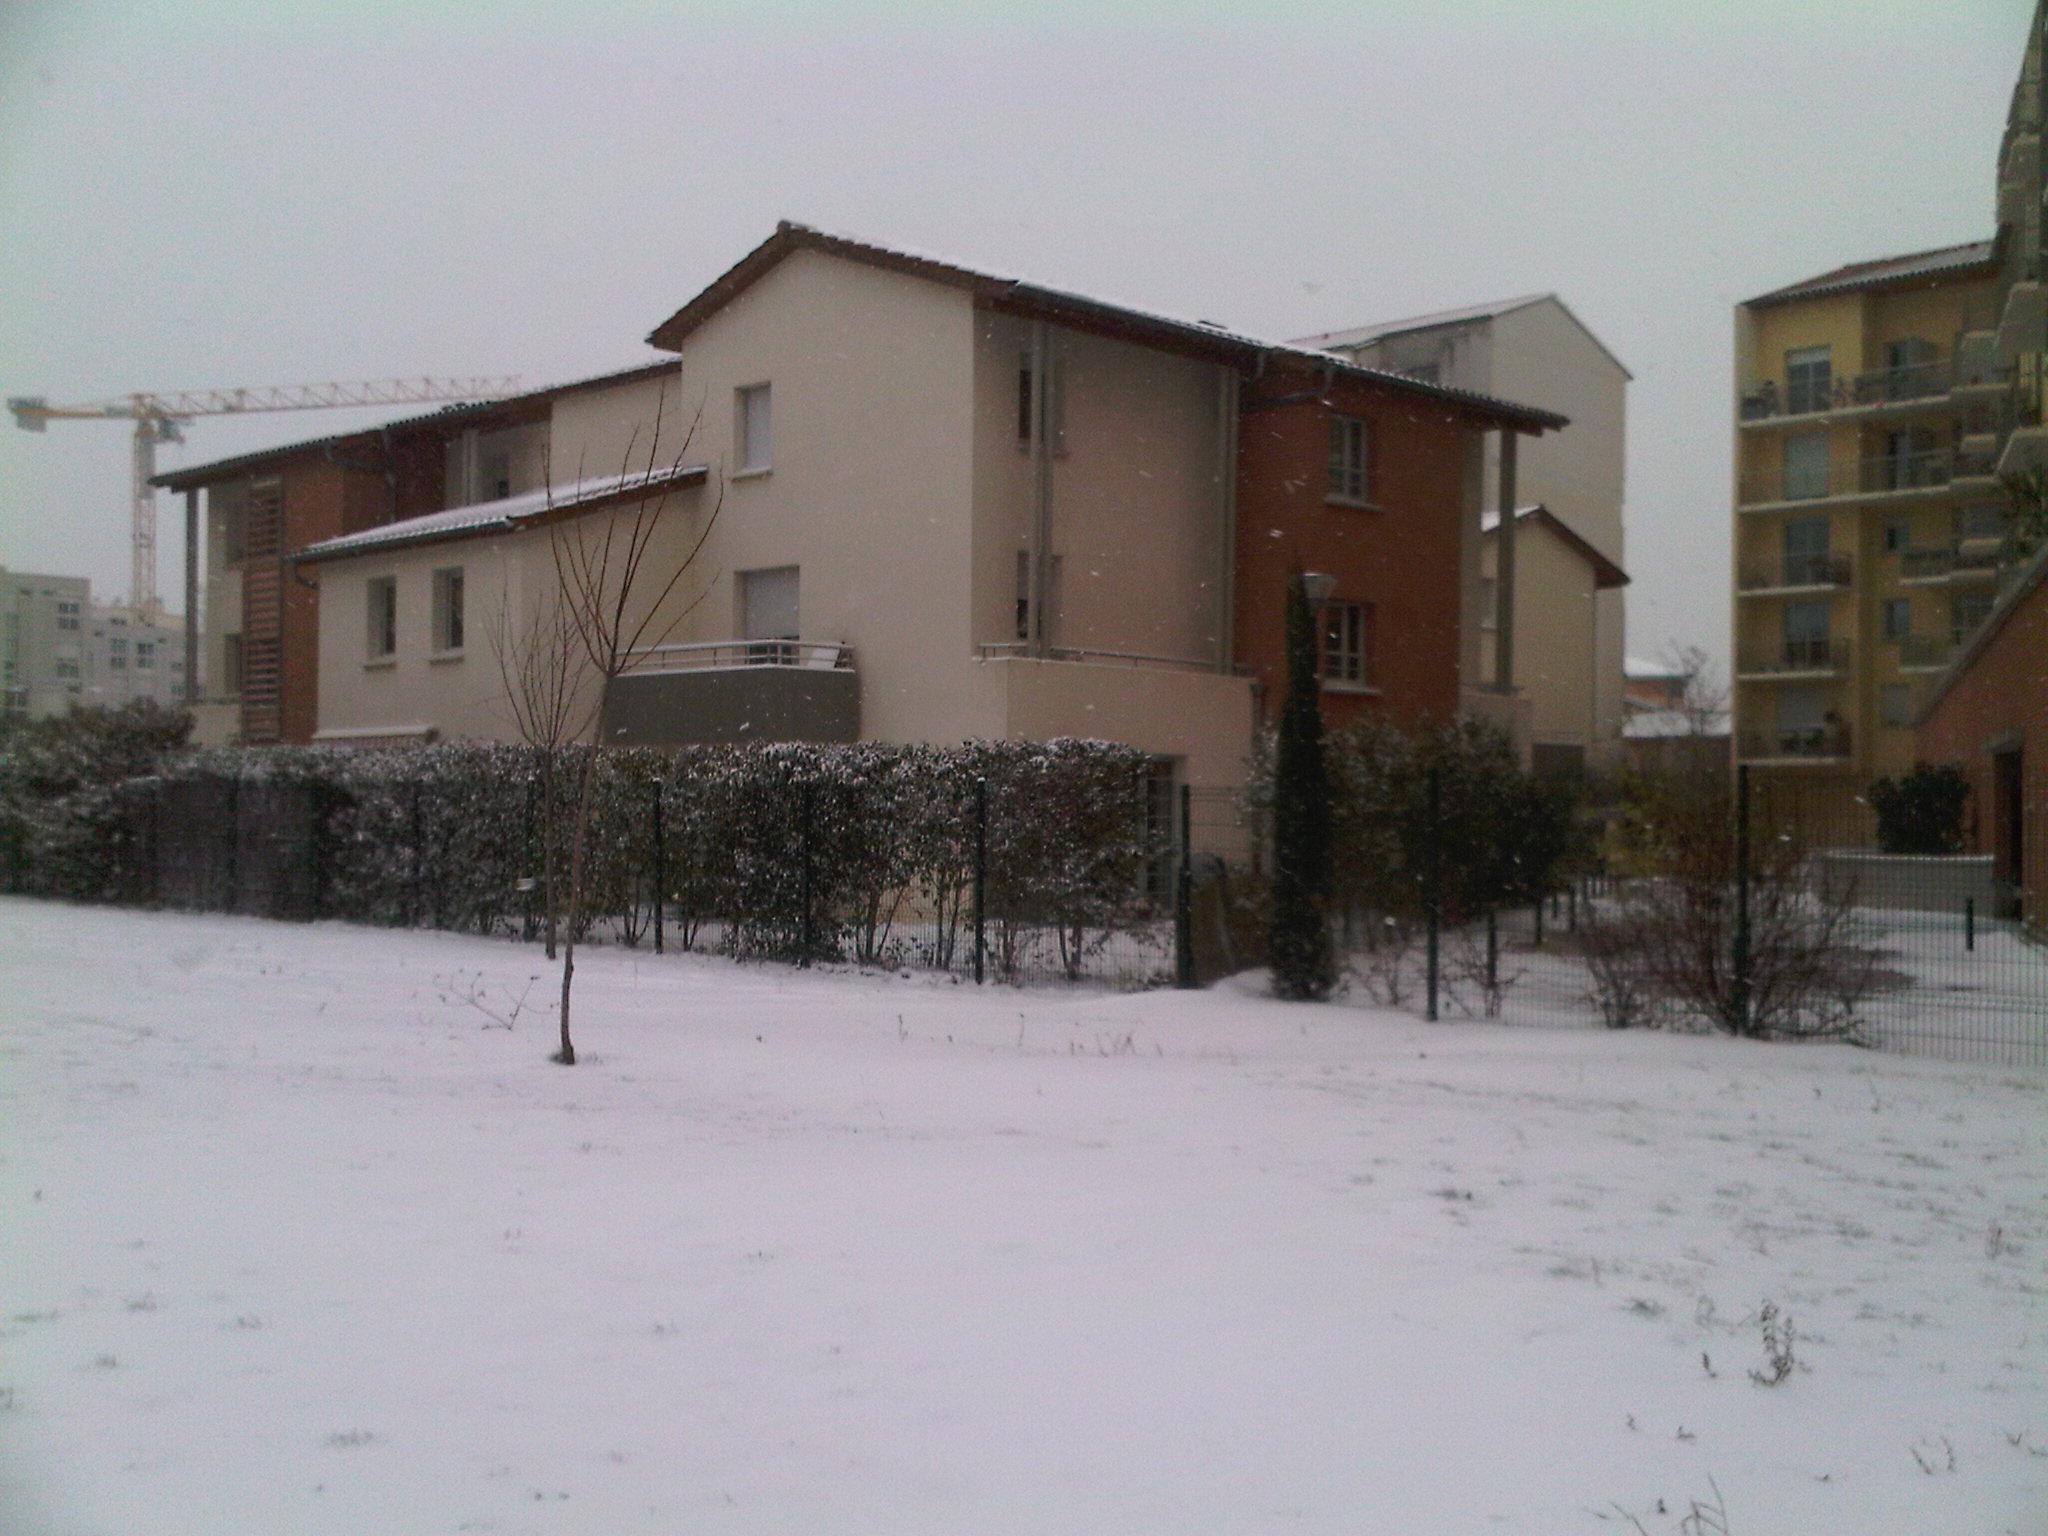 Résidence Rive Gauche, Toulouse sous la neige 9 janvier 2010